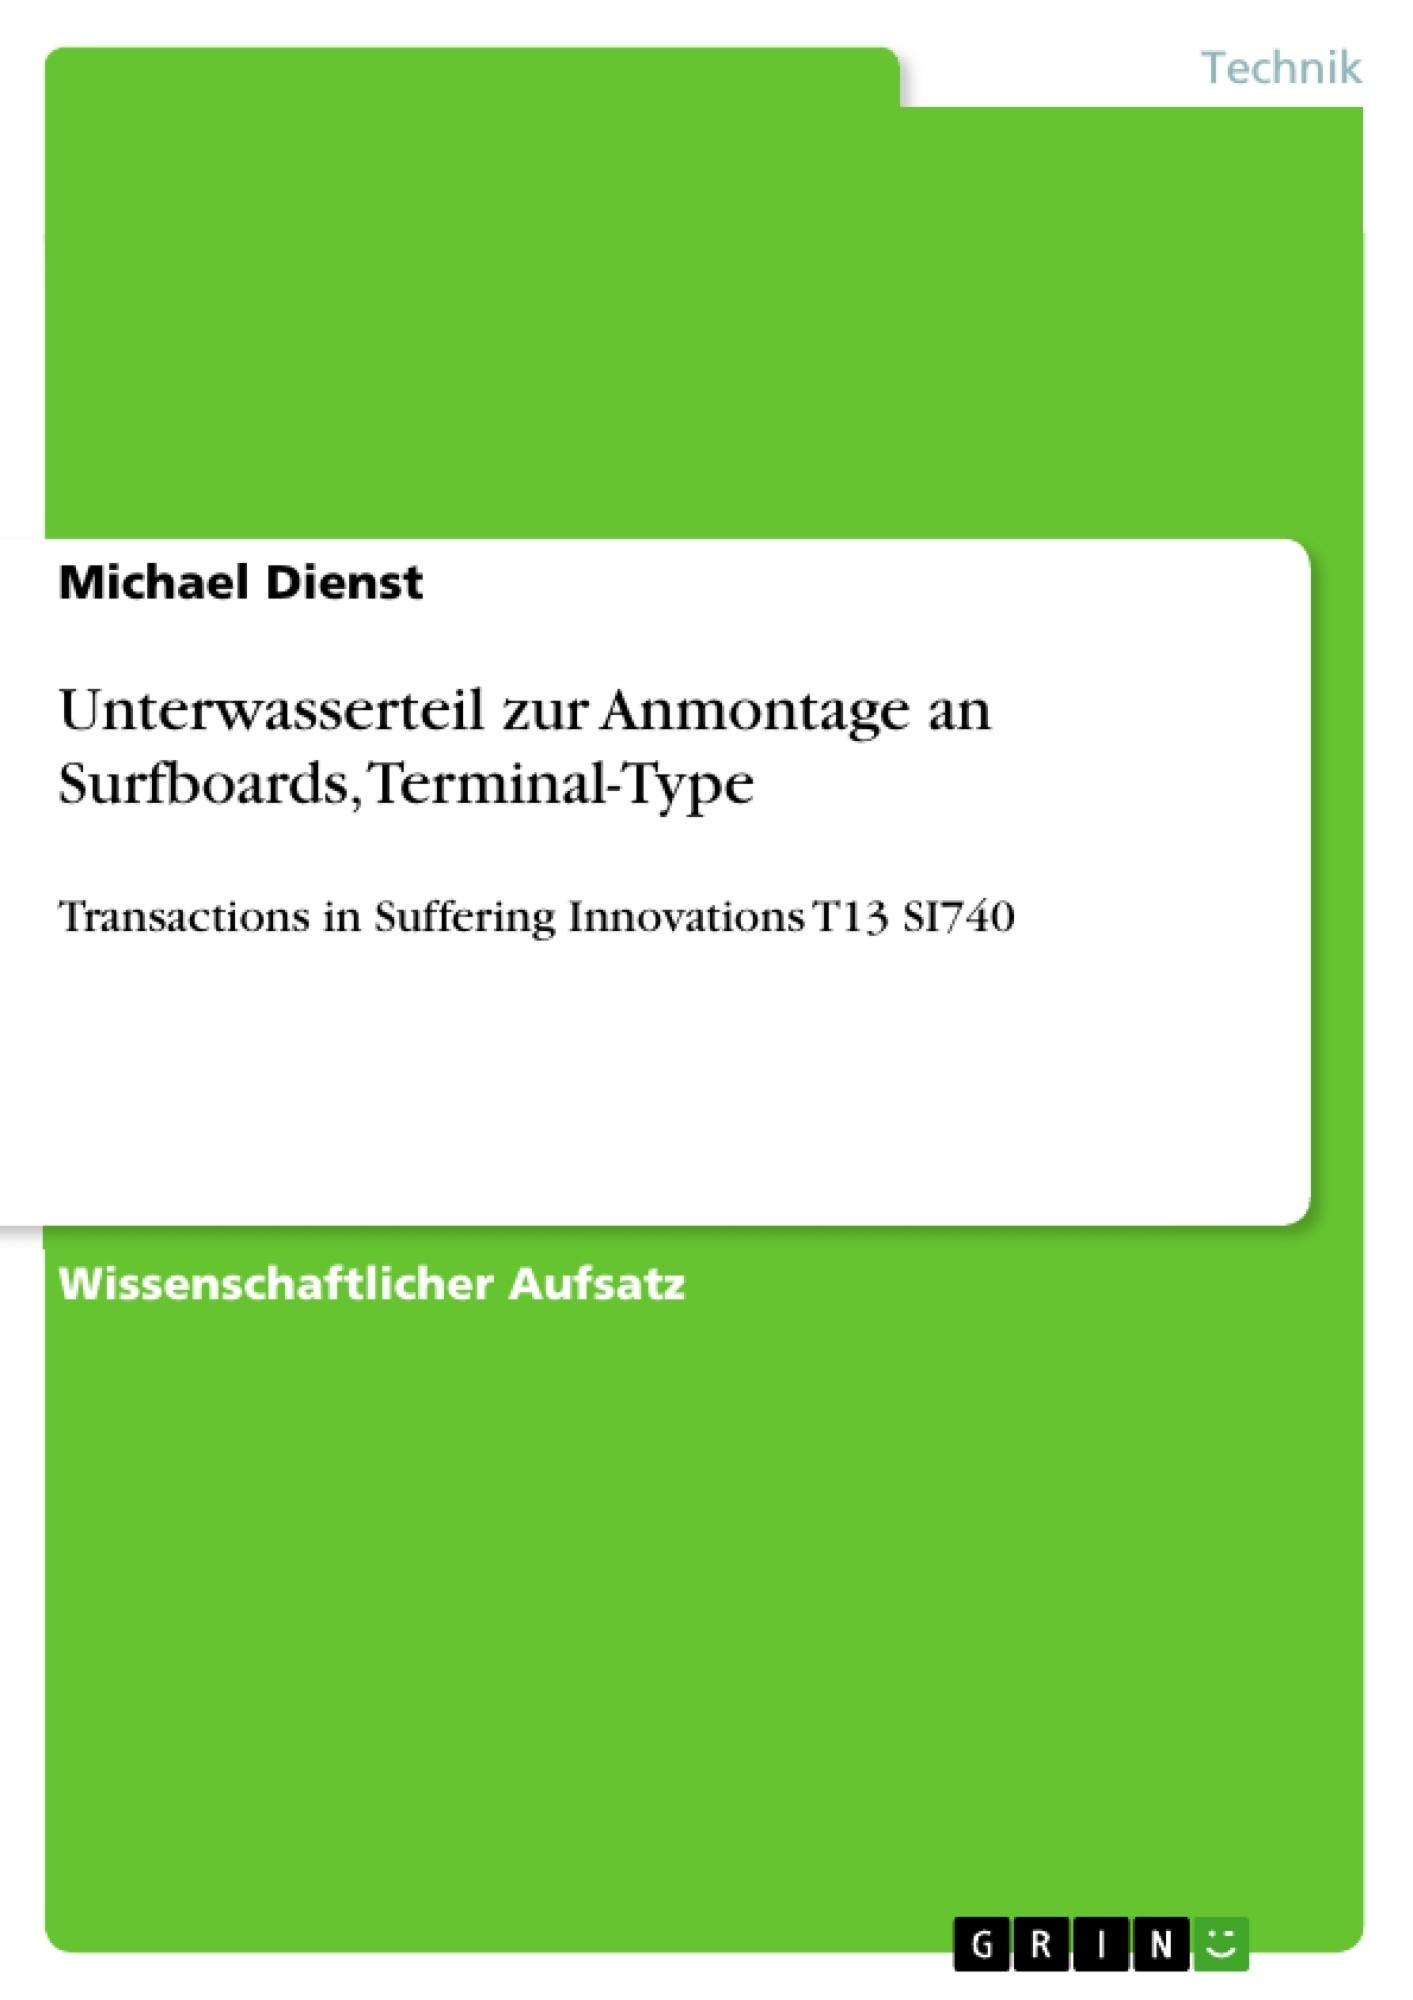 Titel: Unterwasserteil zur Anmontage an Surfboards, Terminal-Type